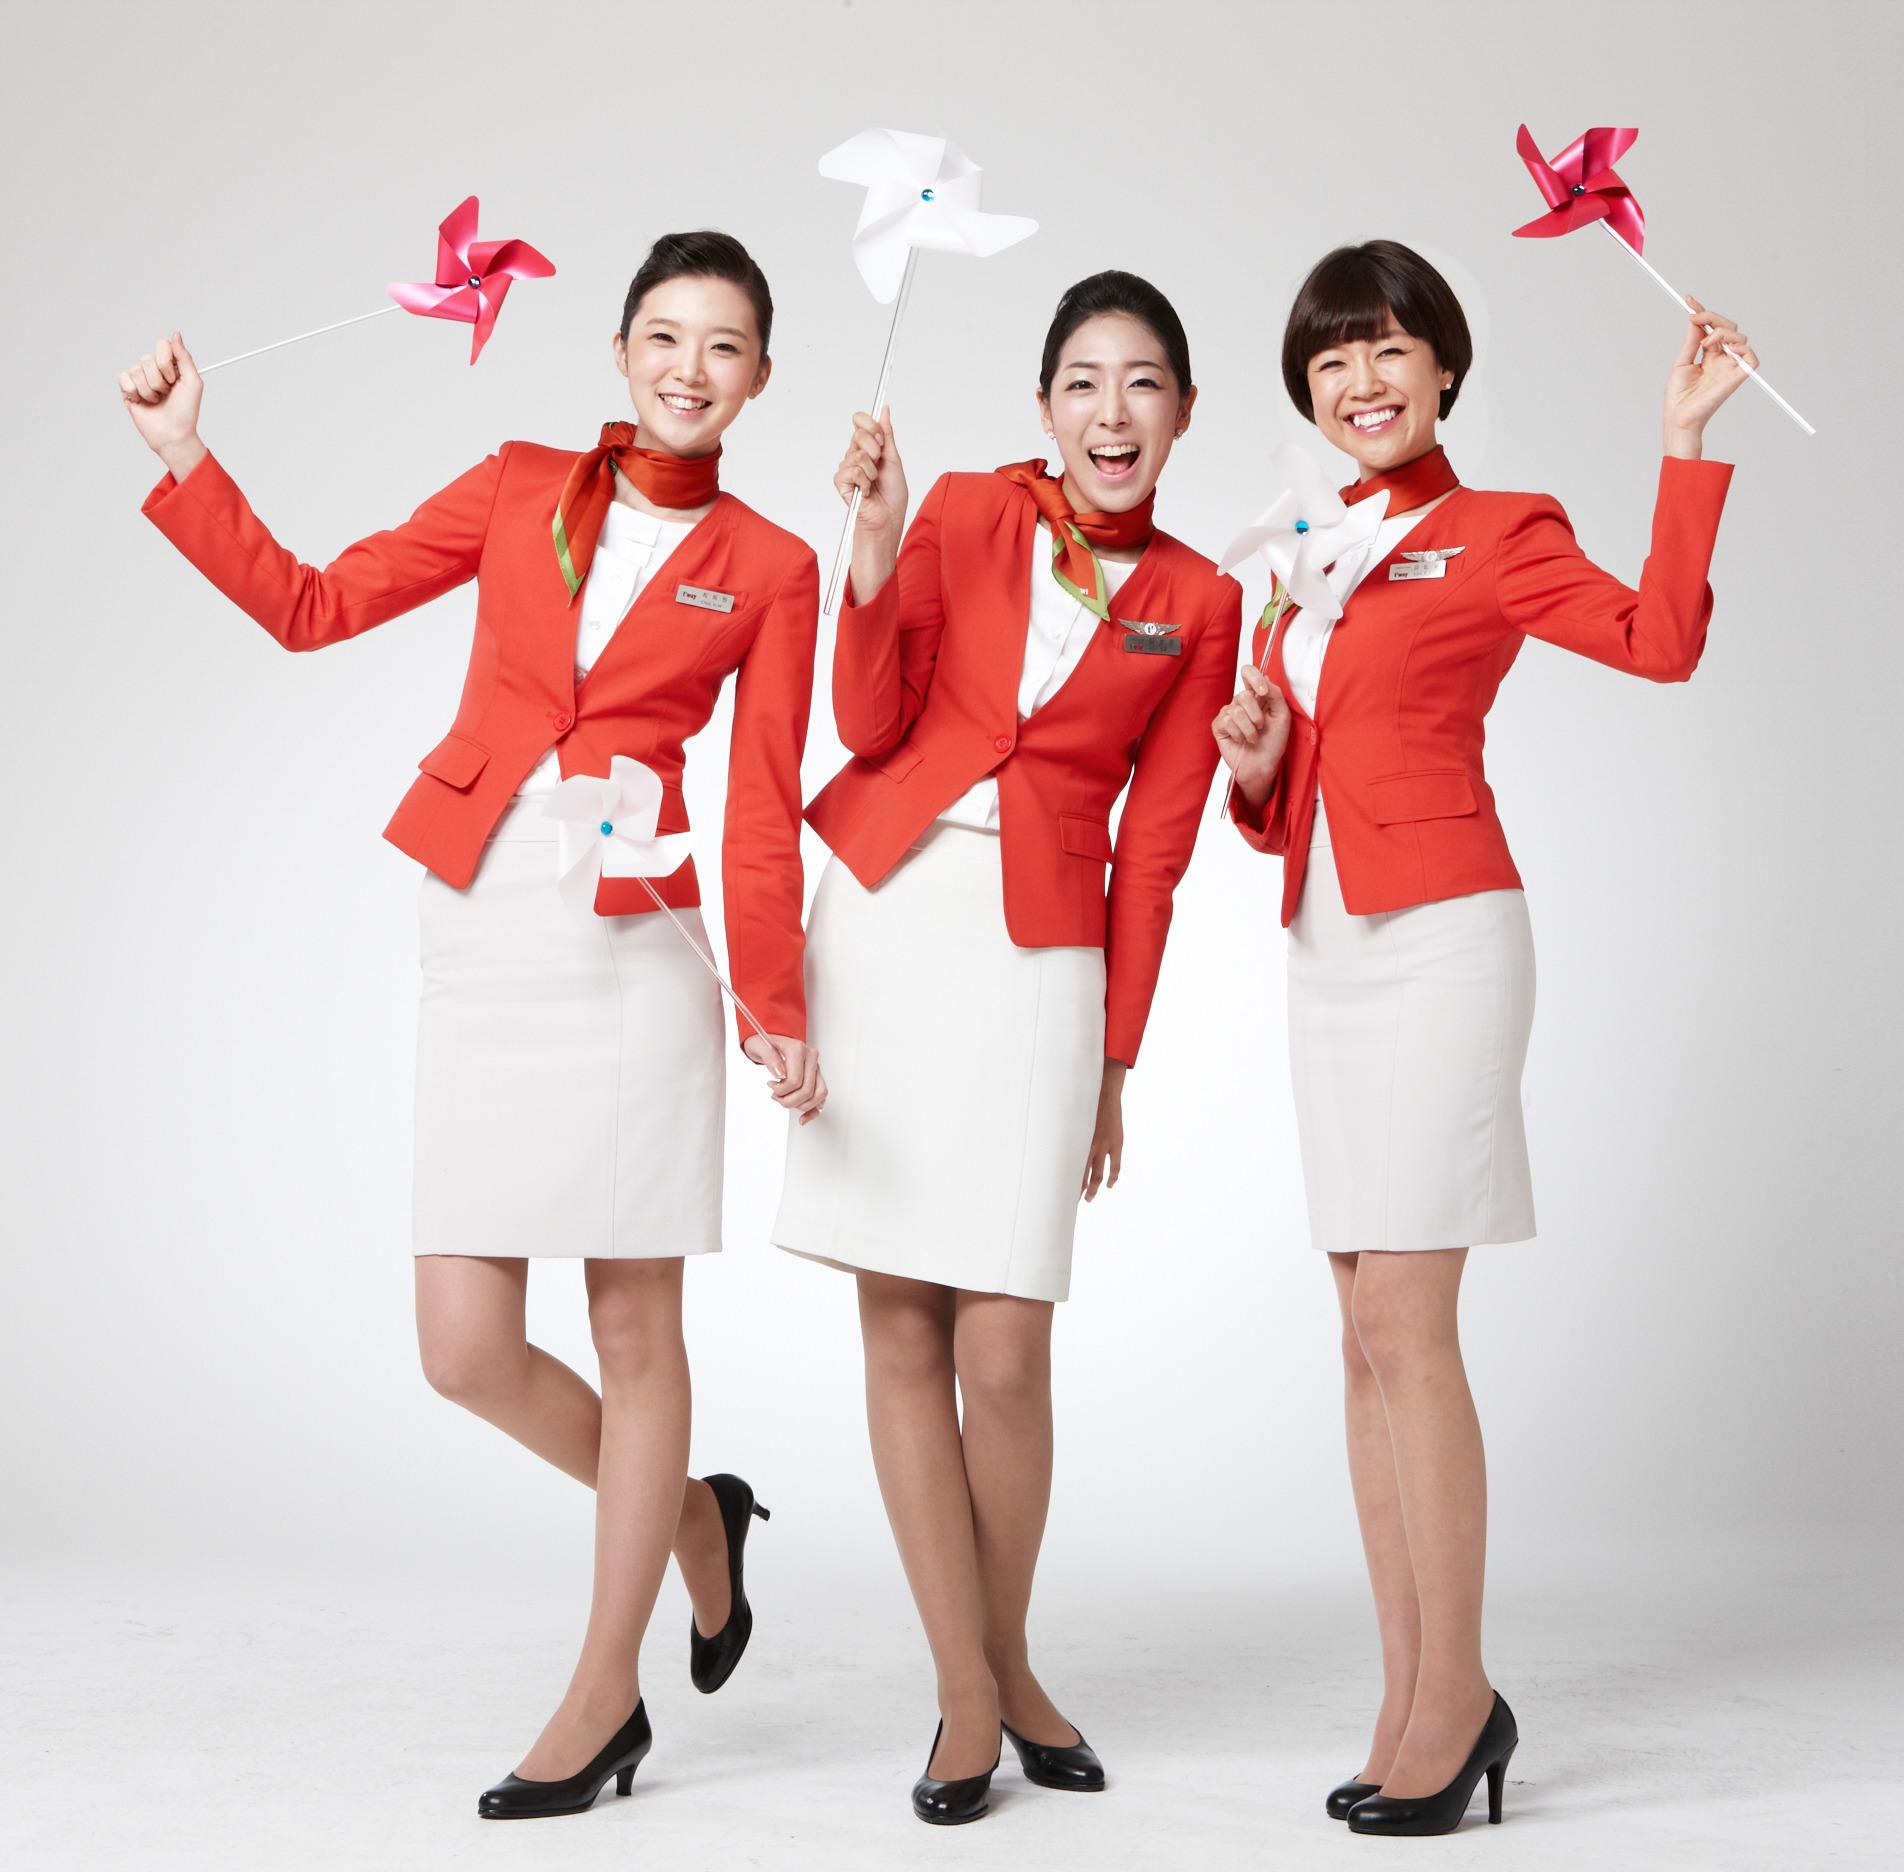 亚空姐照片_韩国八大航空公司空姐制服秀